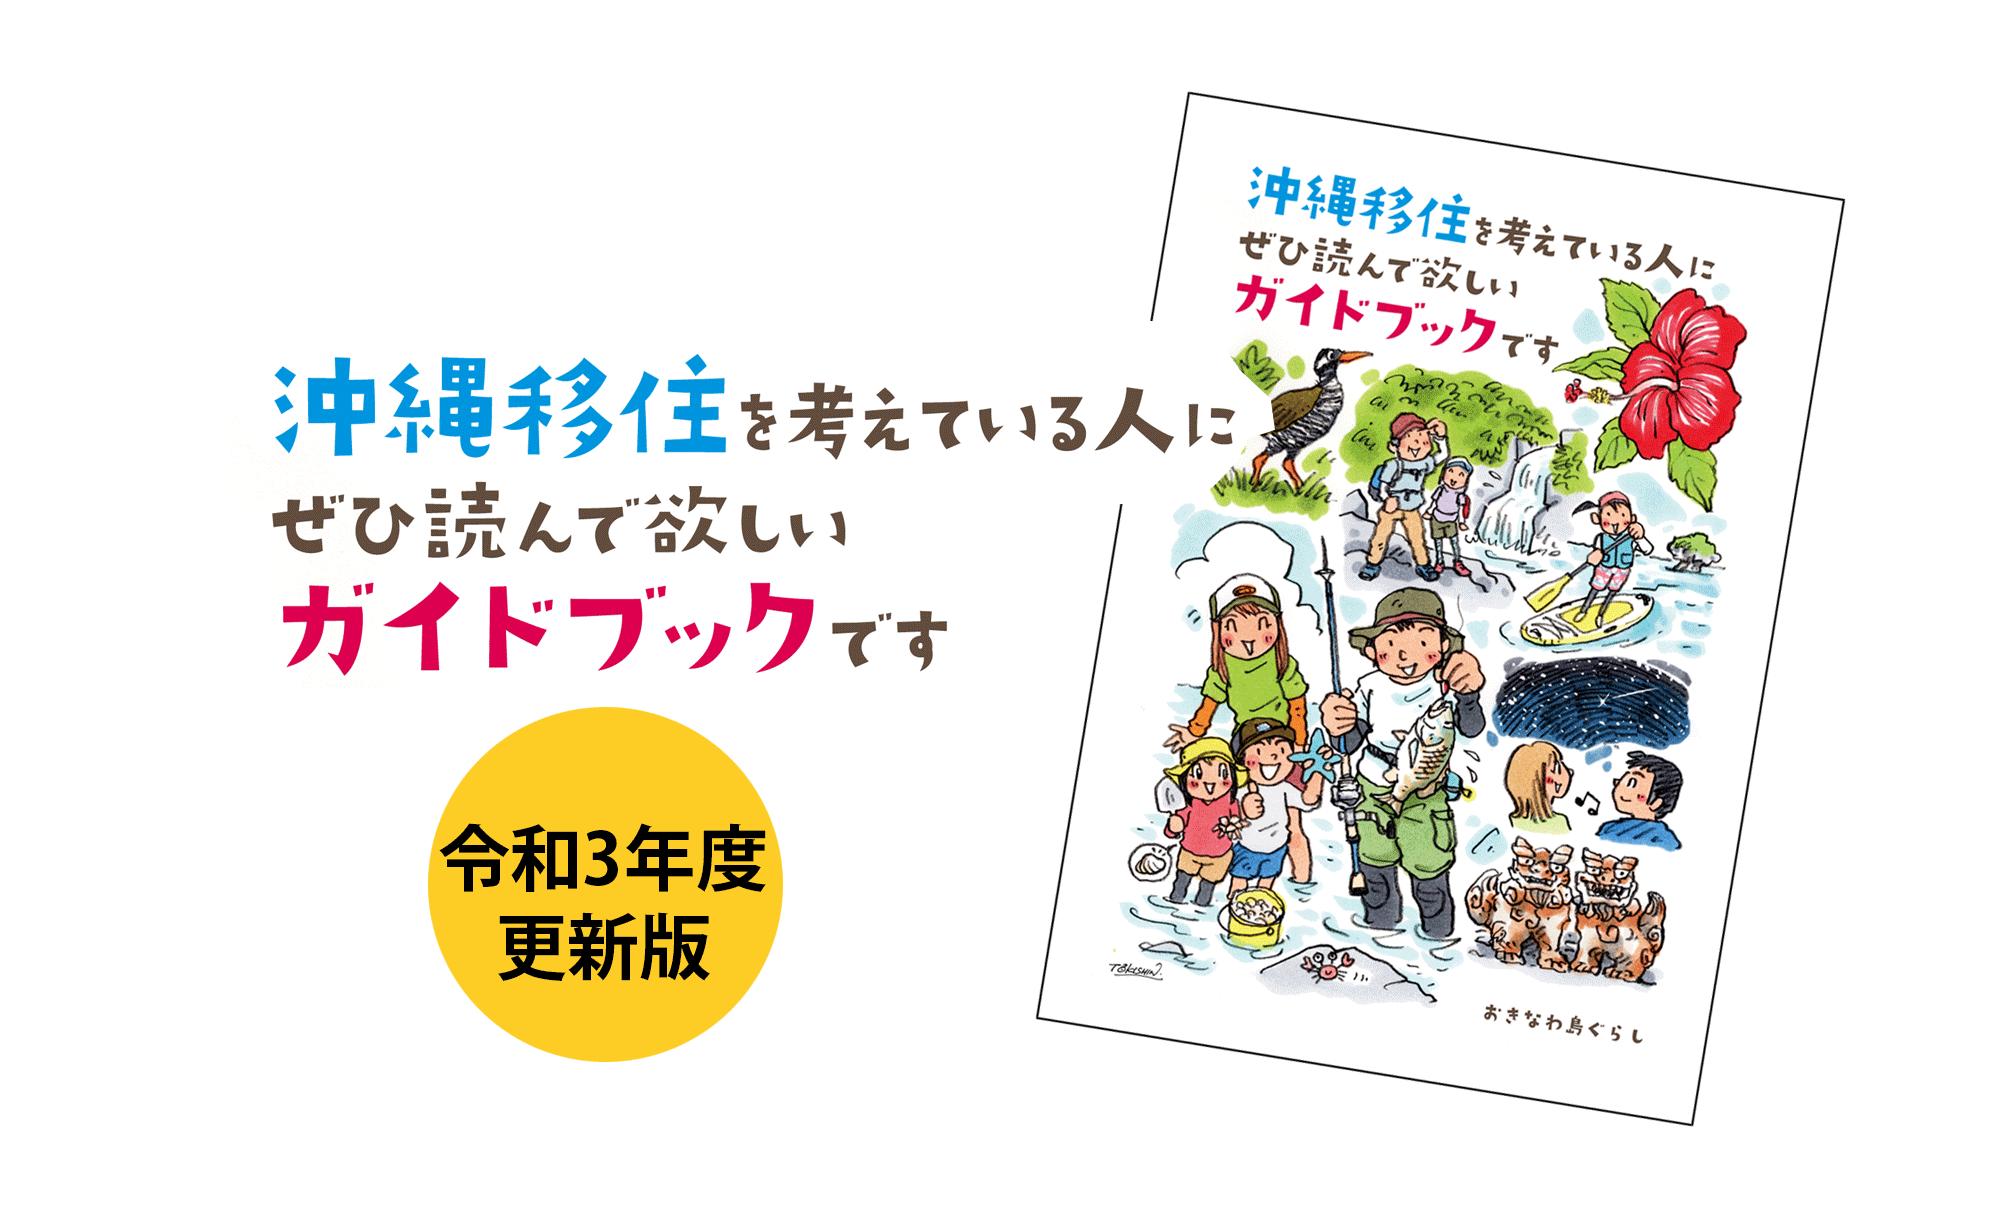 沖縄移住ガイドブック令和3年度更新版を公開!